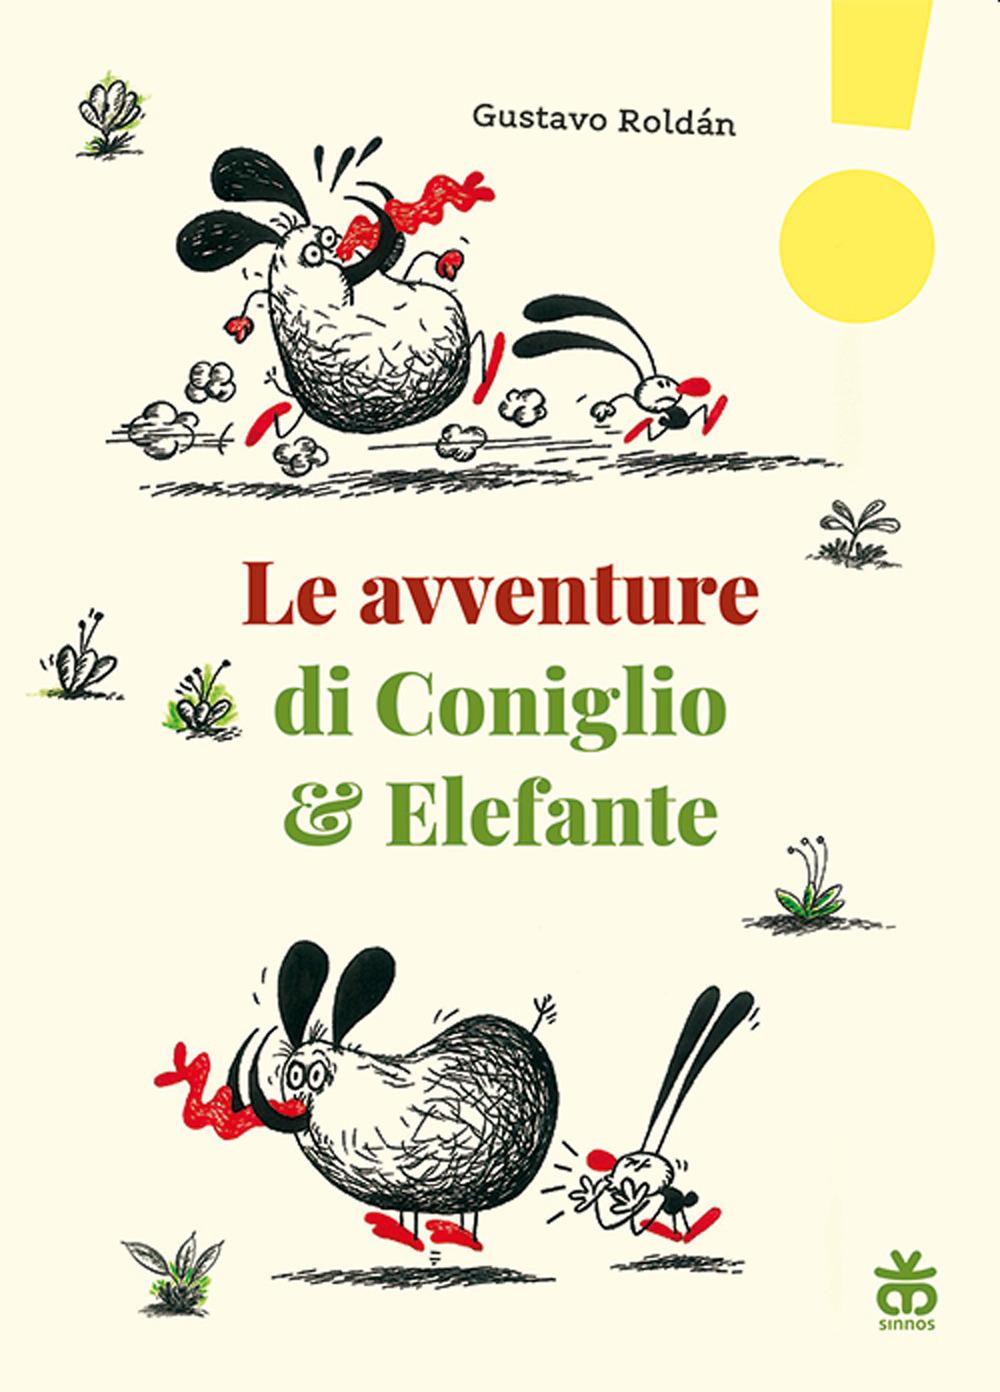 Le avventure di Coniglio & Elefante